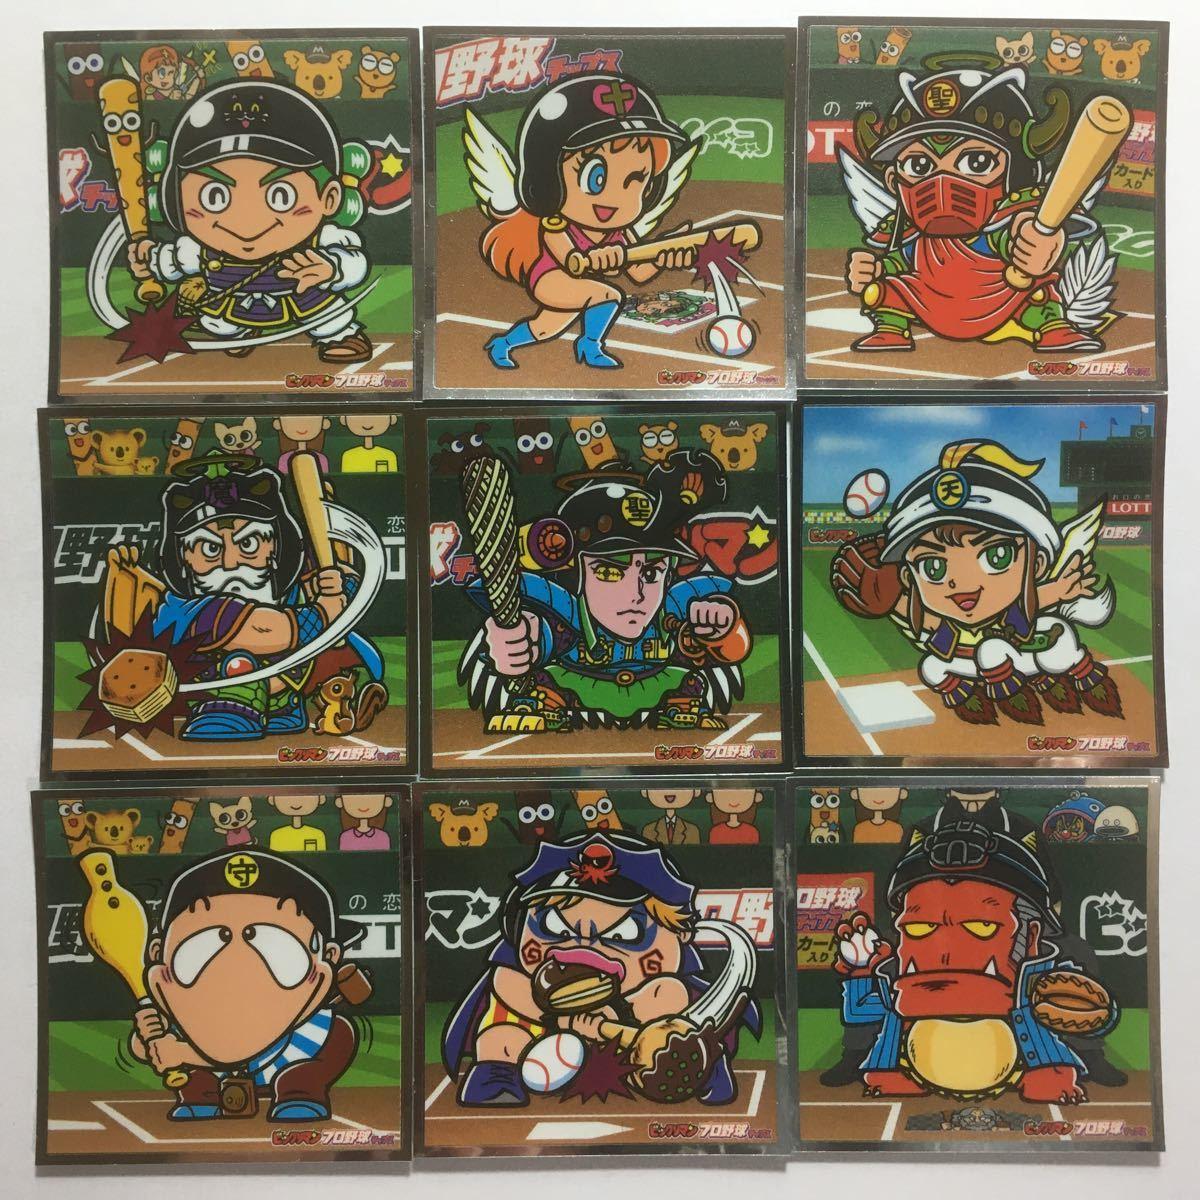 ビックリマン プロ野球 チョコ シール 全22種類 フルコンプ